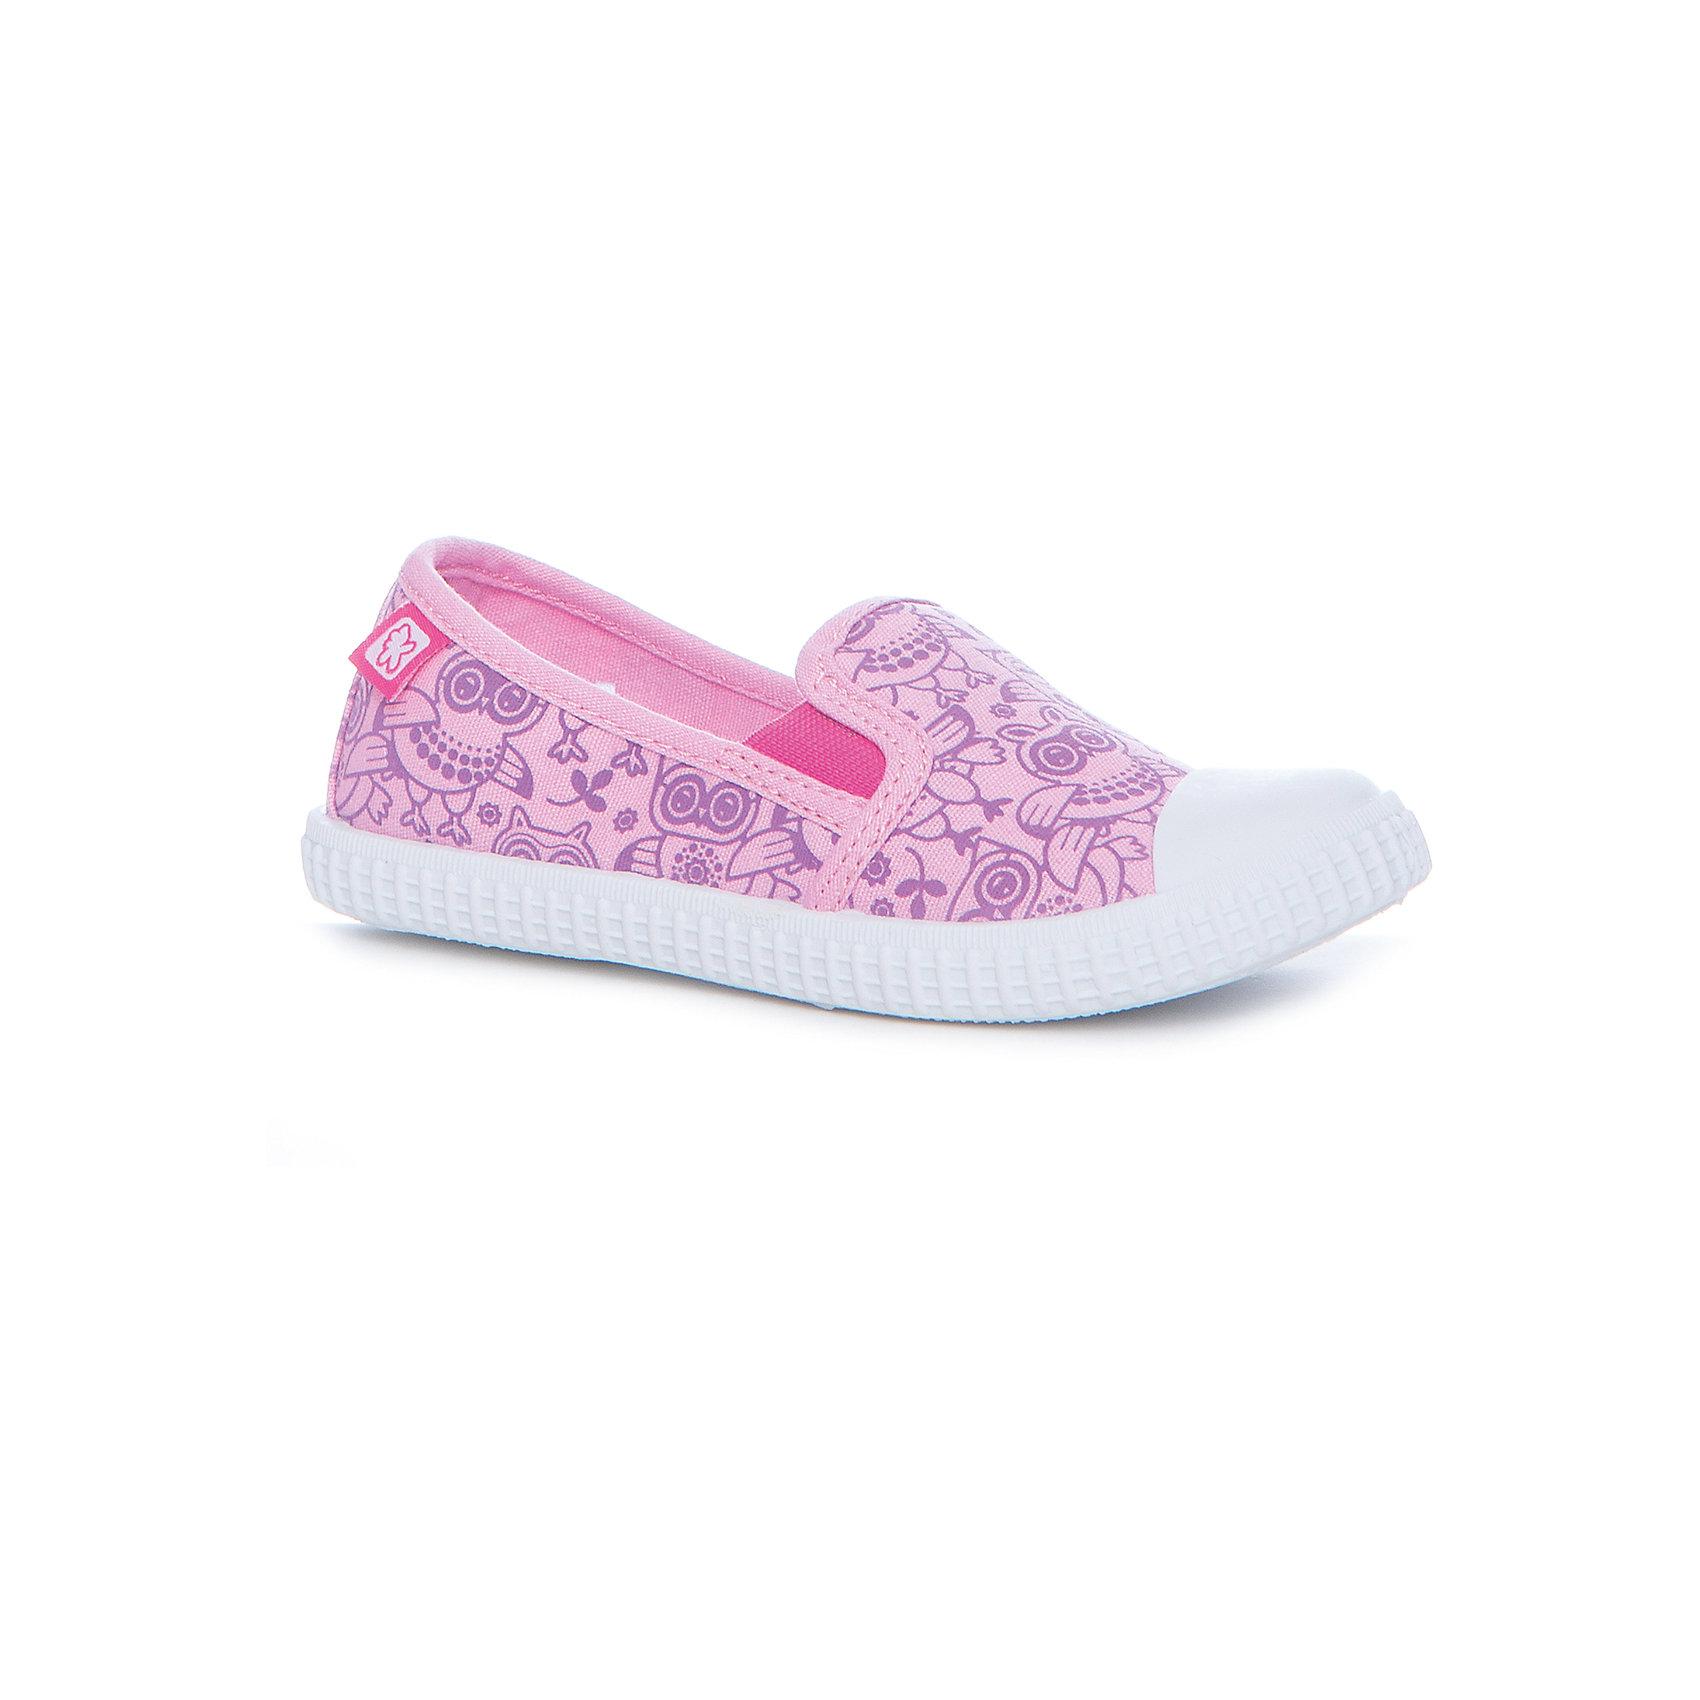 Слипоны для девочки KakaduТекстильные туфли<br>Характеристики:<br><br>• цвет: розовый<br>• внешний материал: текстиль<br>• внутренний материал: текстиль<br>• стелька: хлопок<br>• подошва: ТПР<br>• высота подошвы: 1 см<br>• съёмная анатомическая стелька<br>• усиленный защищённый мыс<br>• тип застежки: без застежки<br>• сезон: лето<br>• тип обуви: слипоны<br>• тип подошвы: рифлёная<br>• способ крепления подошвы: литая<br>• уход: удаление загрязнений мягкой щеткой<br>• страна бренда: Россия<br>• страна изготовитель: Китай<br><br>Туфли выполнены с учетом анатомических особенностей детской стопы: у конструкции стельки предусмотрен профилированный свод стопы, который способствует не только правильной фиксации ноги, но и является эффективным средством профилактики плоскостопия. Верх изделия – из текстиля, который обладает высокой воздухопроницаемостью и гигроскопичностью, внутренняя часть и съемная стелька изготовлены из хлопка. <br><br>Подошва выполнена из термопластичной резины, которая обладает легким весом и эластичностью. По бокам предусмотрены эластичные вставки. Высокие кеды имеют классическую форму и модный дизайн: принт из сиреневых совушек на бирюзовом фоне.<br><br>Туфли для девочки KAKADU можно купить в нашем интернет-магазине.<br><br>Ширина мм: 227<br>Глубина мм: 145<br>Высота мм: 124<br>Вес г: 325<br>Цвет: розовый<br>Возраст от месяцев: 108<br>Возраст до месяцев: 120<br>Пол: Женский<br>Возраст: Детский<br>Размер: 31,32,33,28,29,30<br>SKU: 5386920